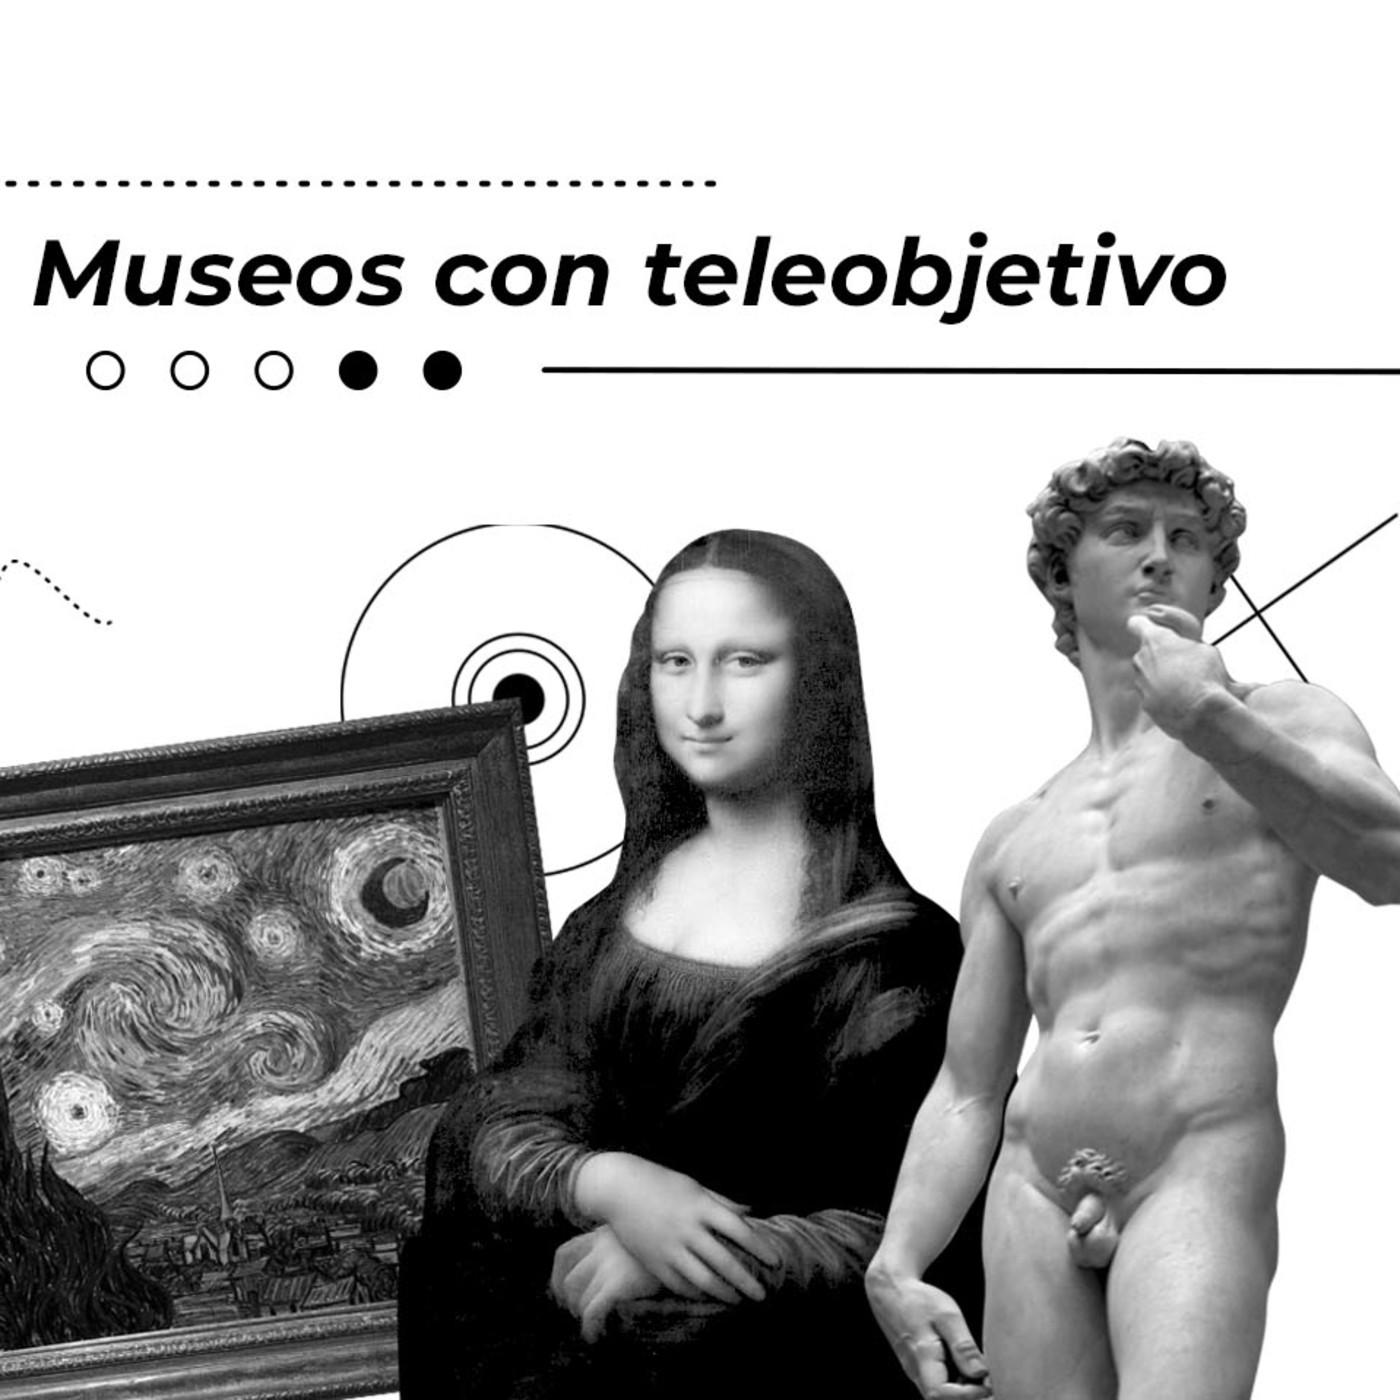 Museos con Teleobjetivo E.9 T.7: LA RED DE ORGANIZACIONES DE MUSEOS EUROPEOS (NEMO) DOCUMENTA Y ANALIZA IMPACTO COVID-19